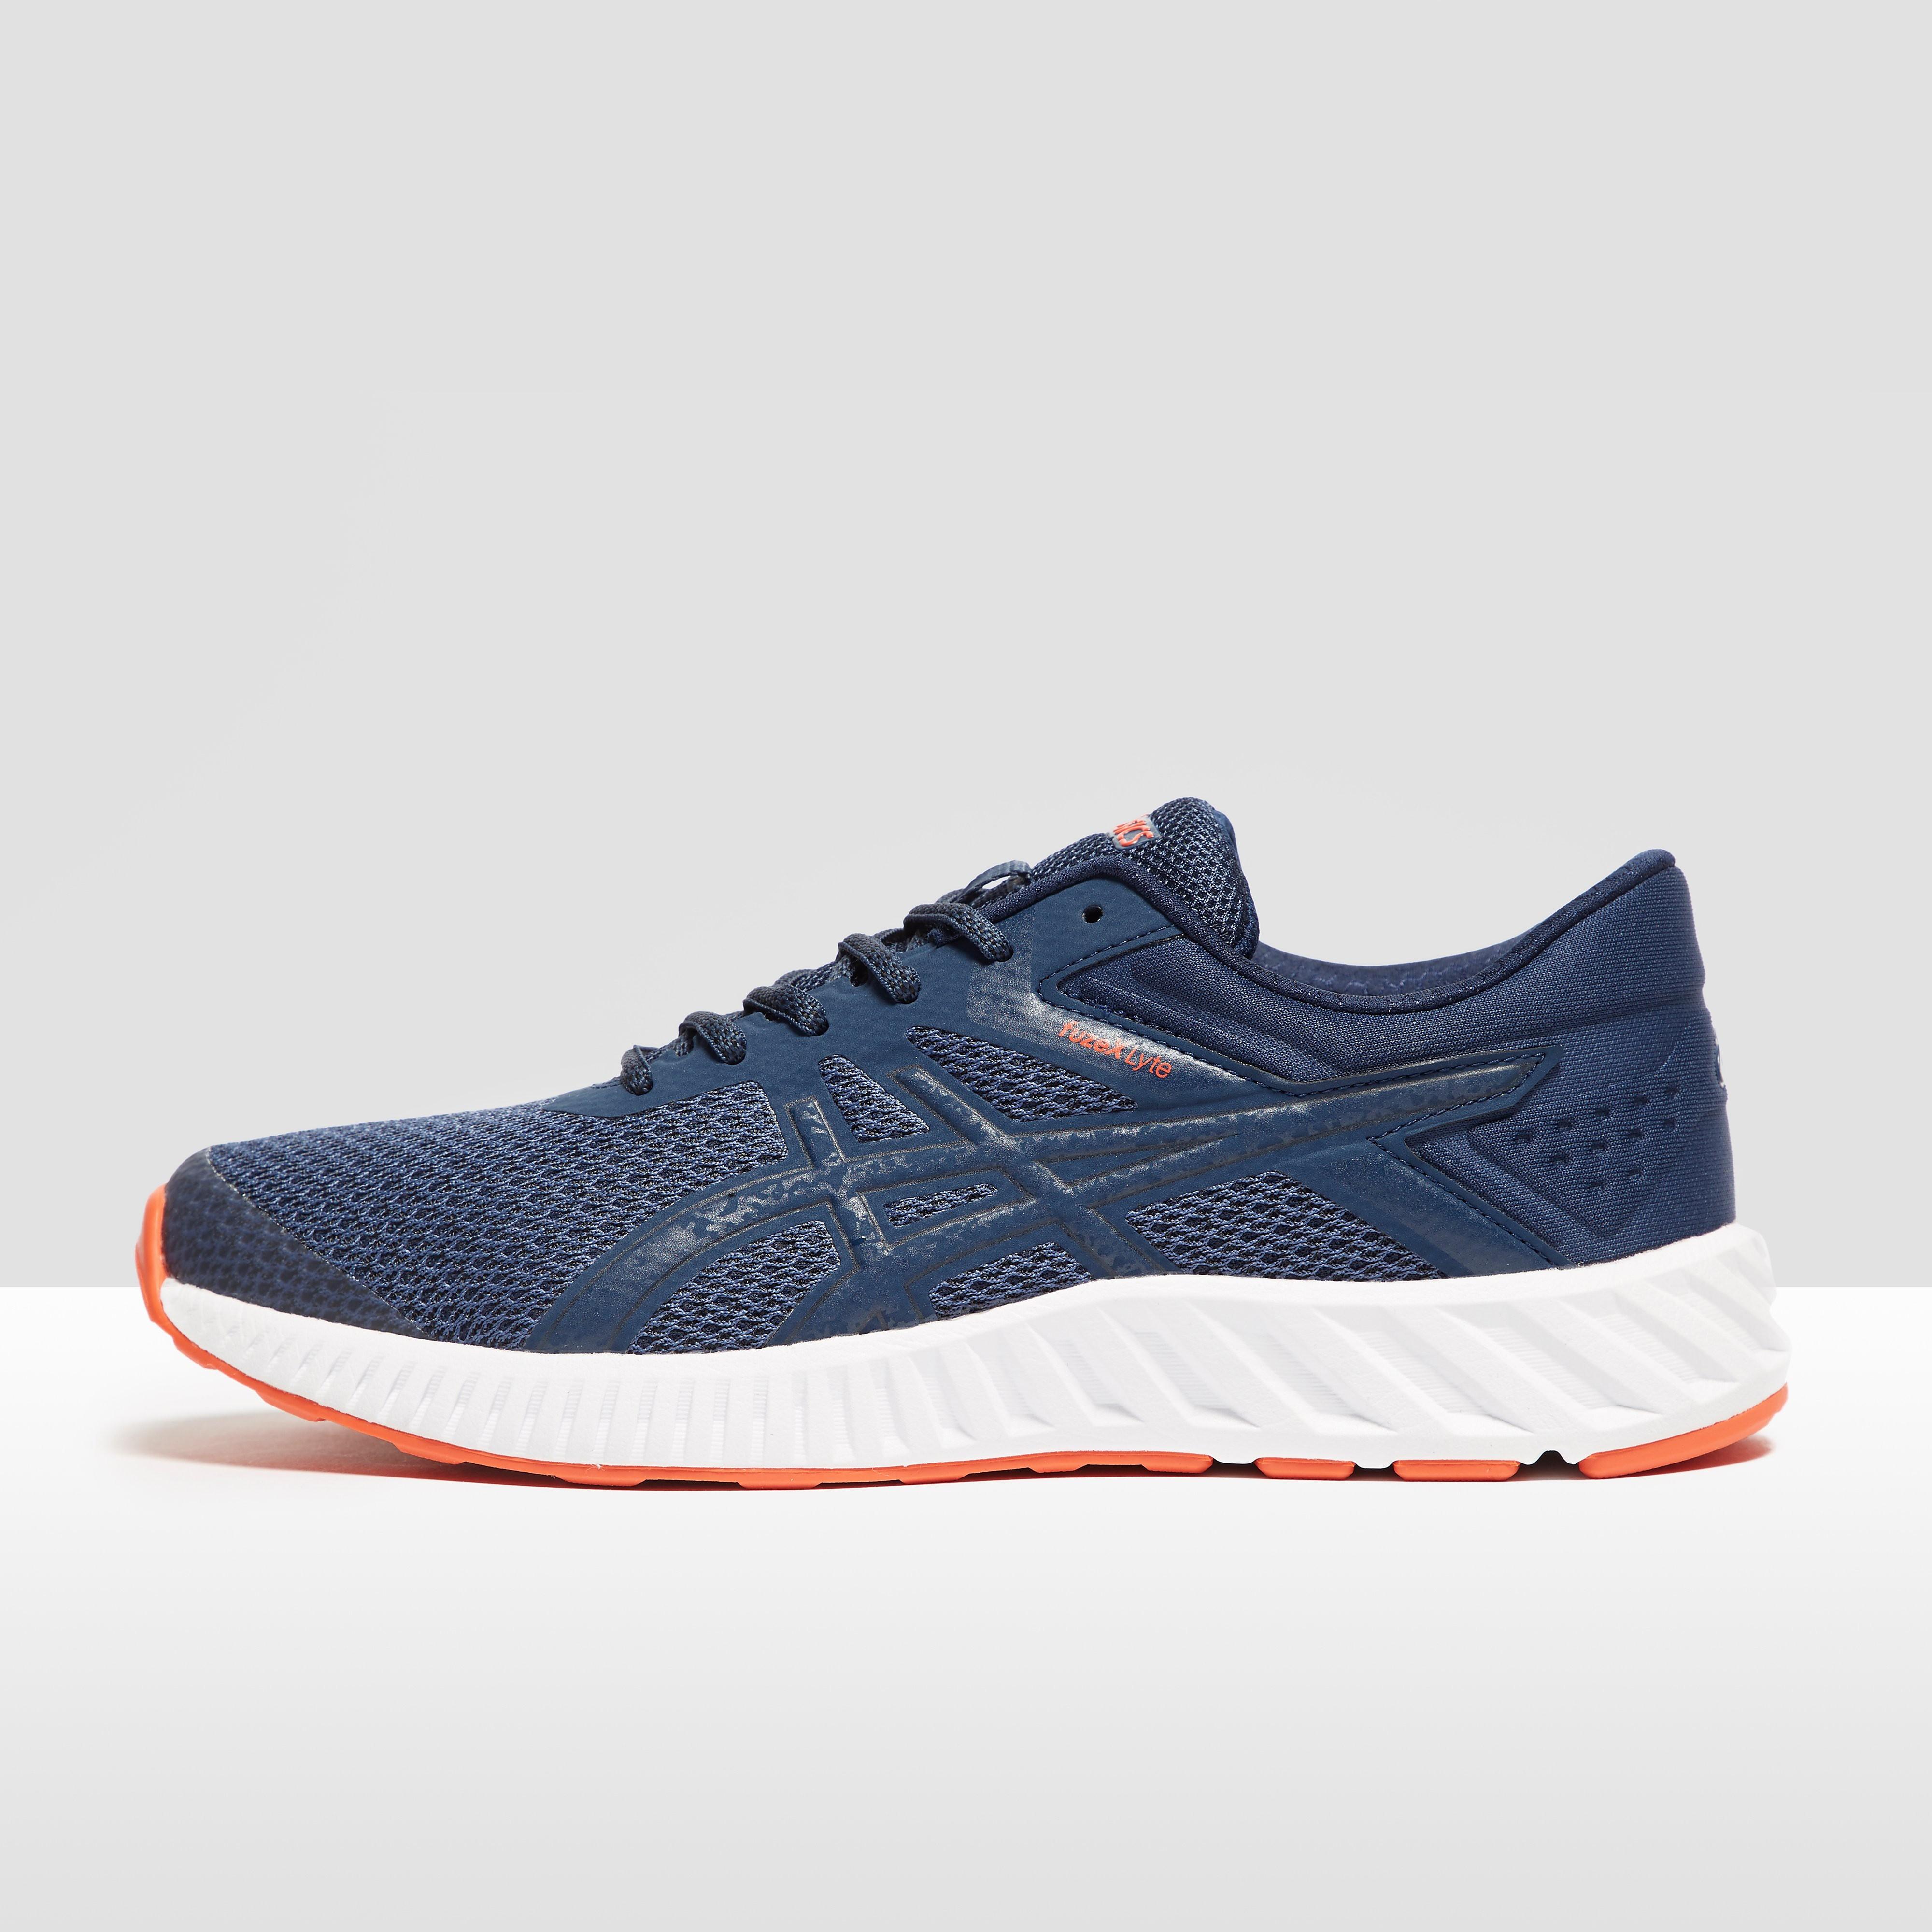 ASICS Fuze X Lyte 2 Men's Running Shoes